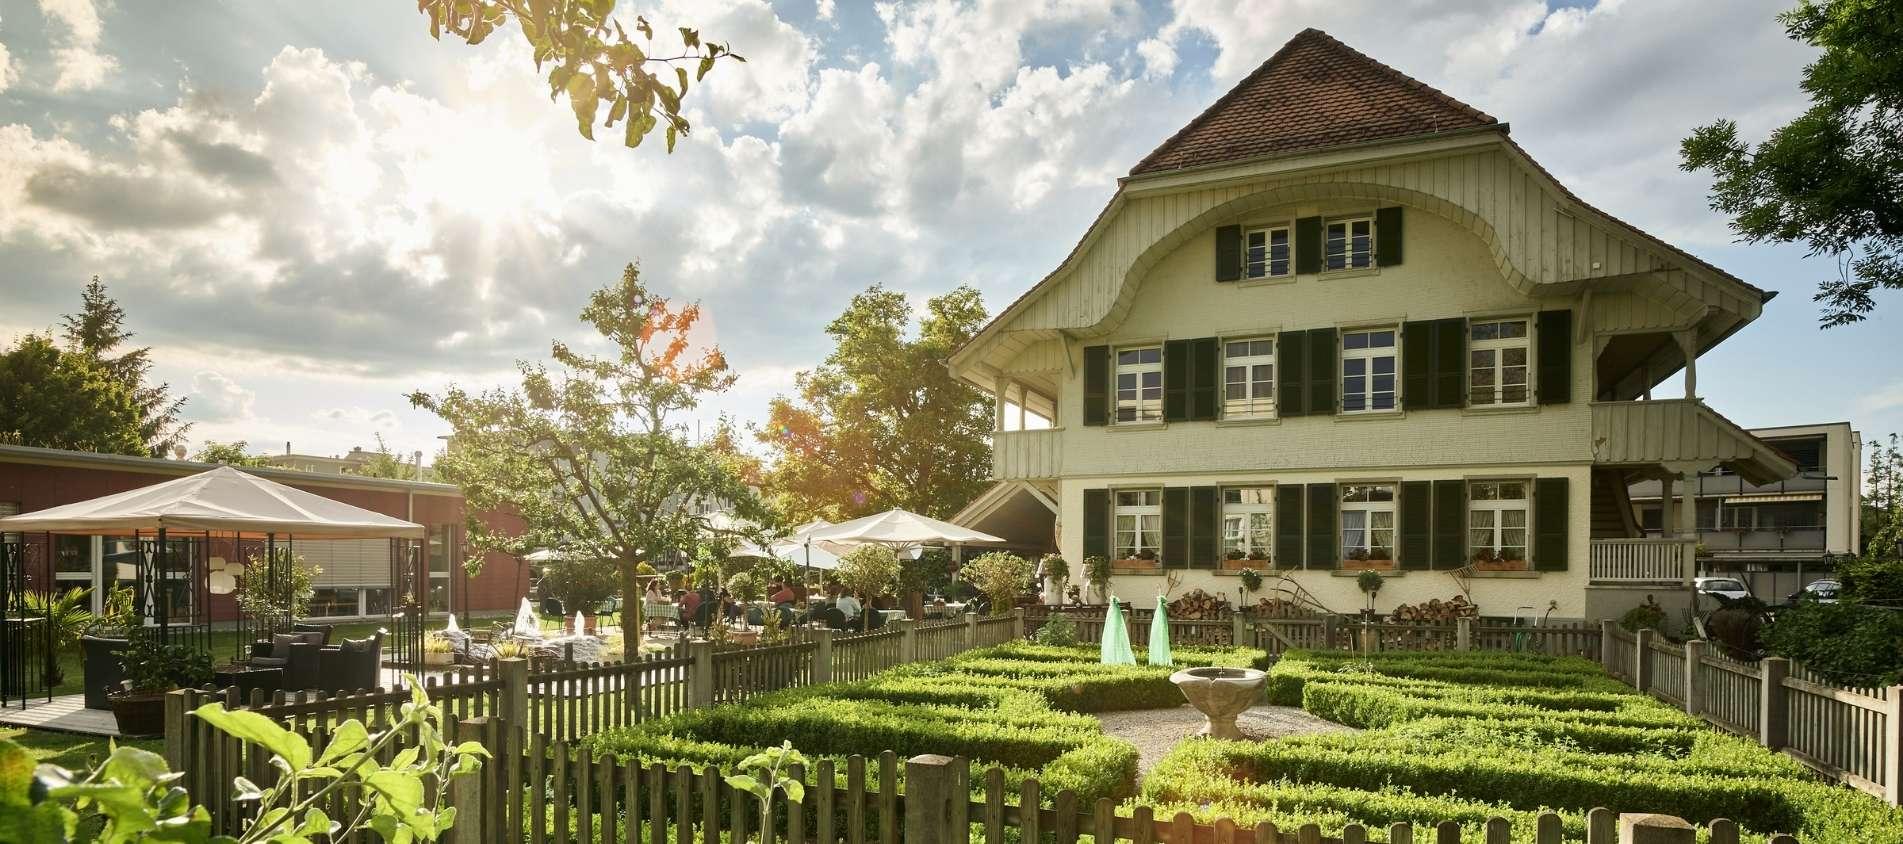 Restaurant Burehuus mit Garten und Baum